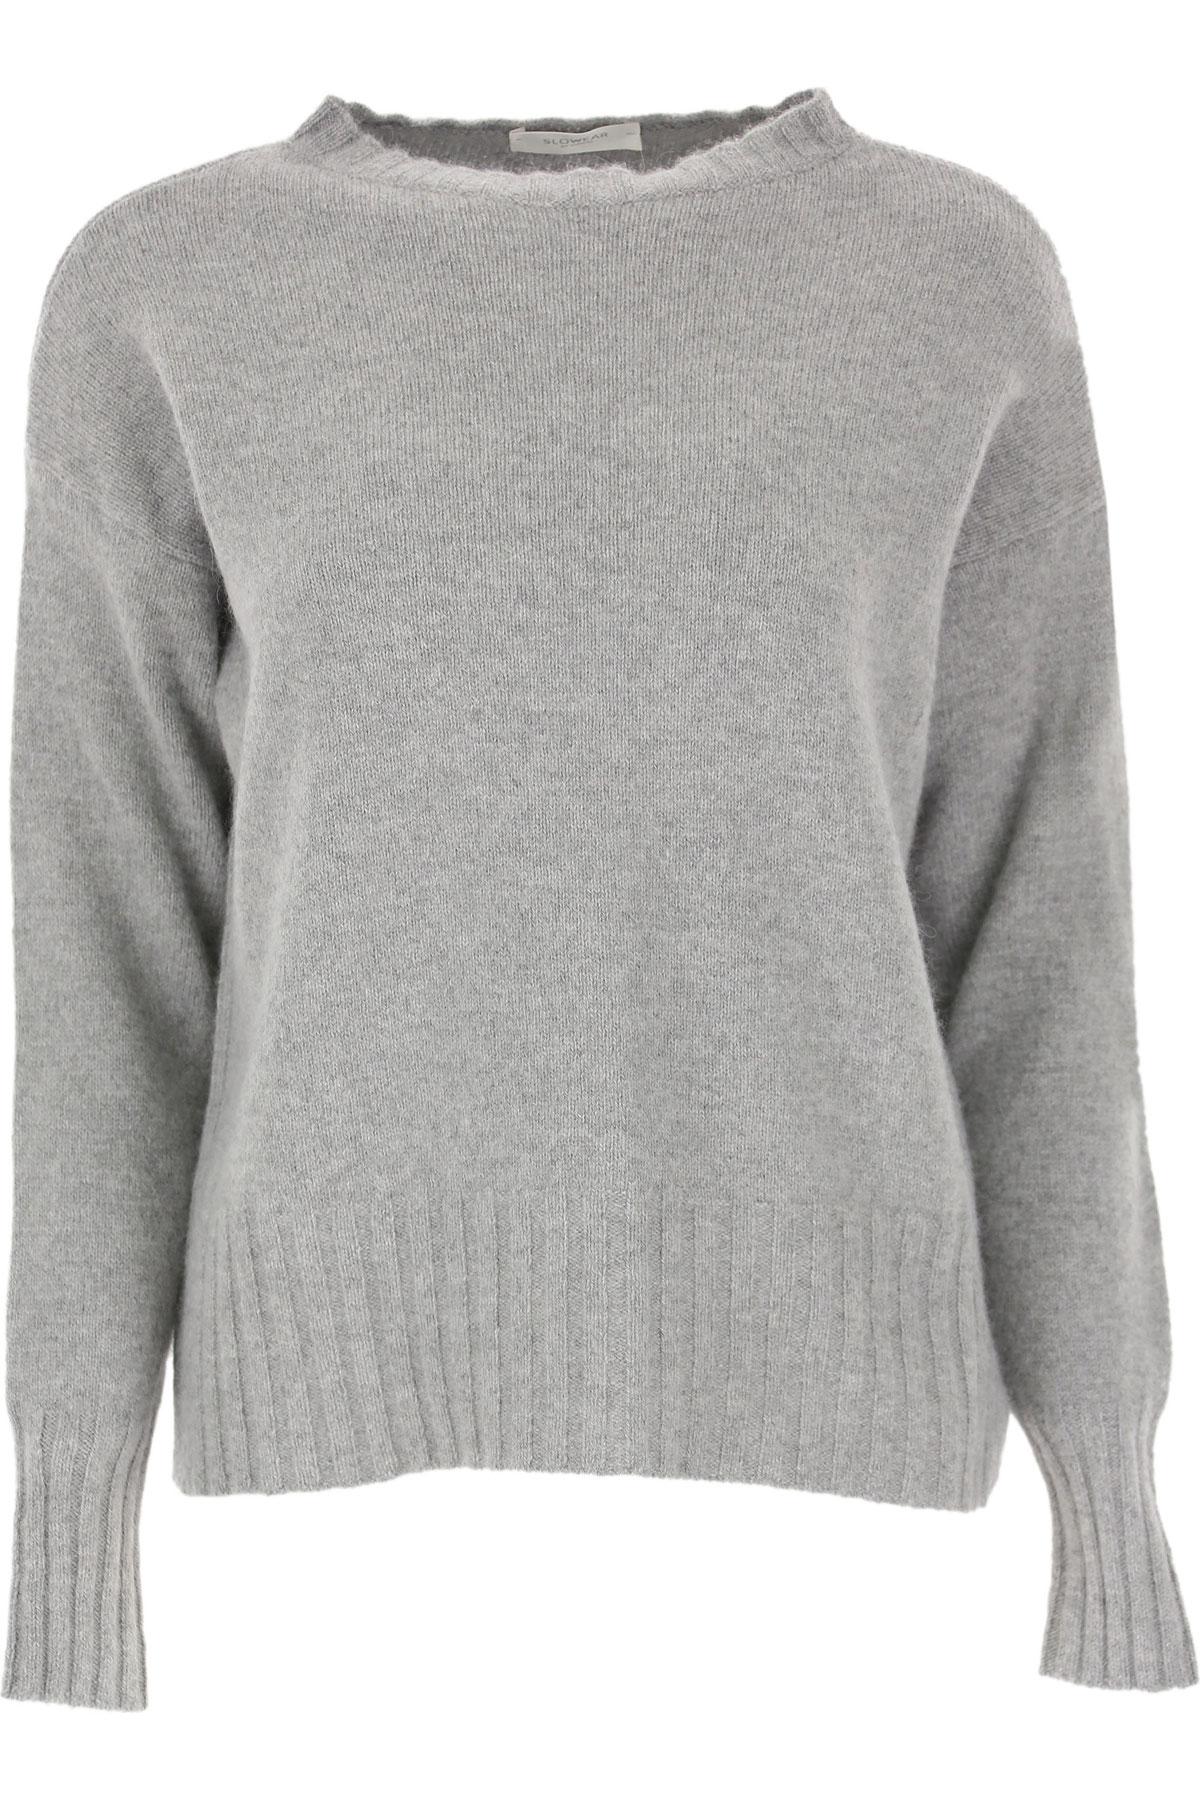 Zanone Sweater for Women Jumper On Sale, Grey, Wool, 2019, 4 6 8